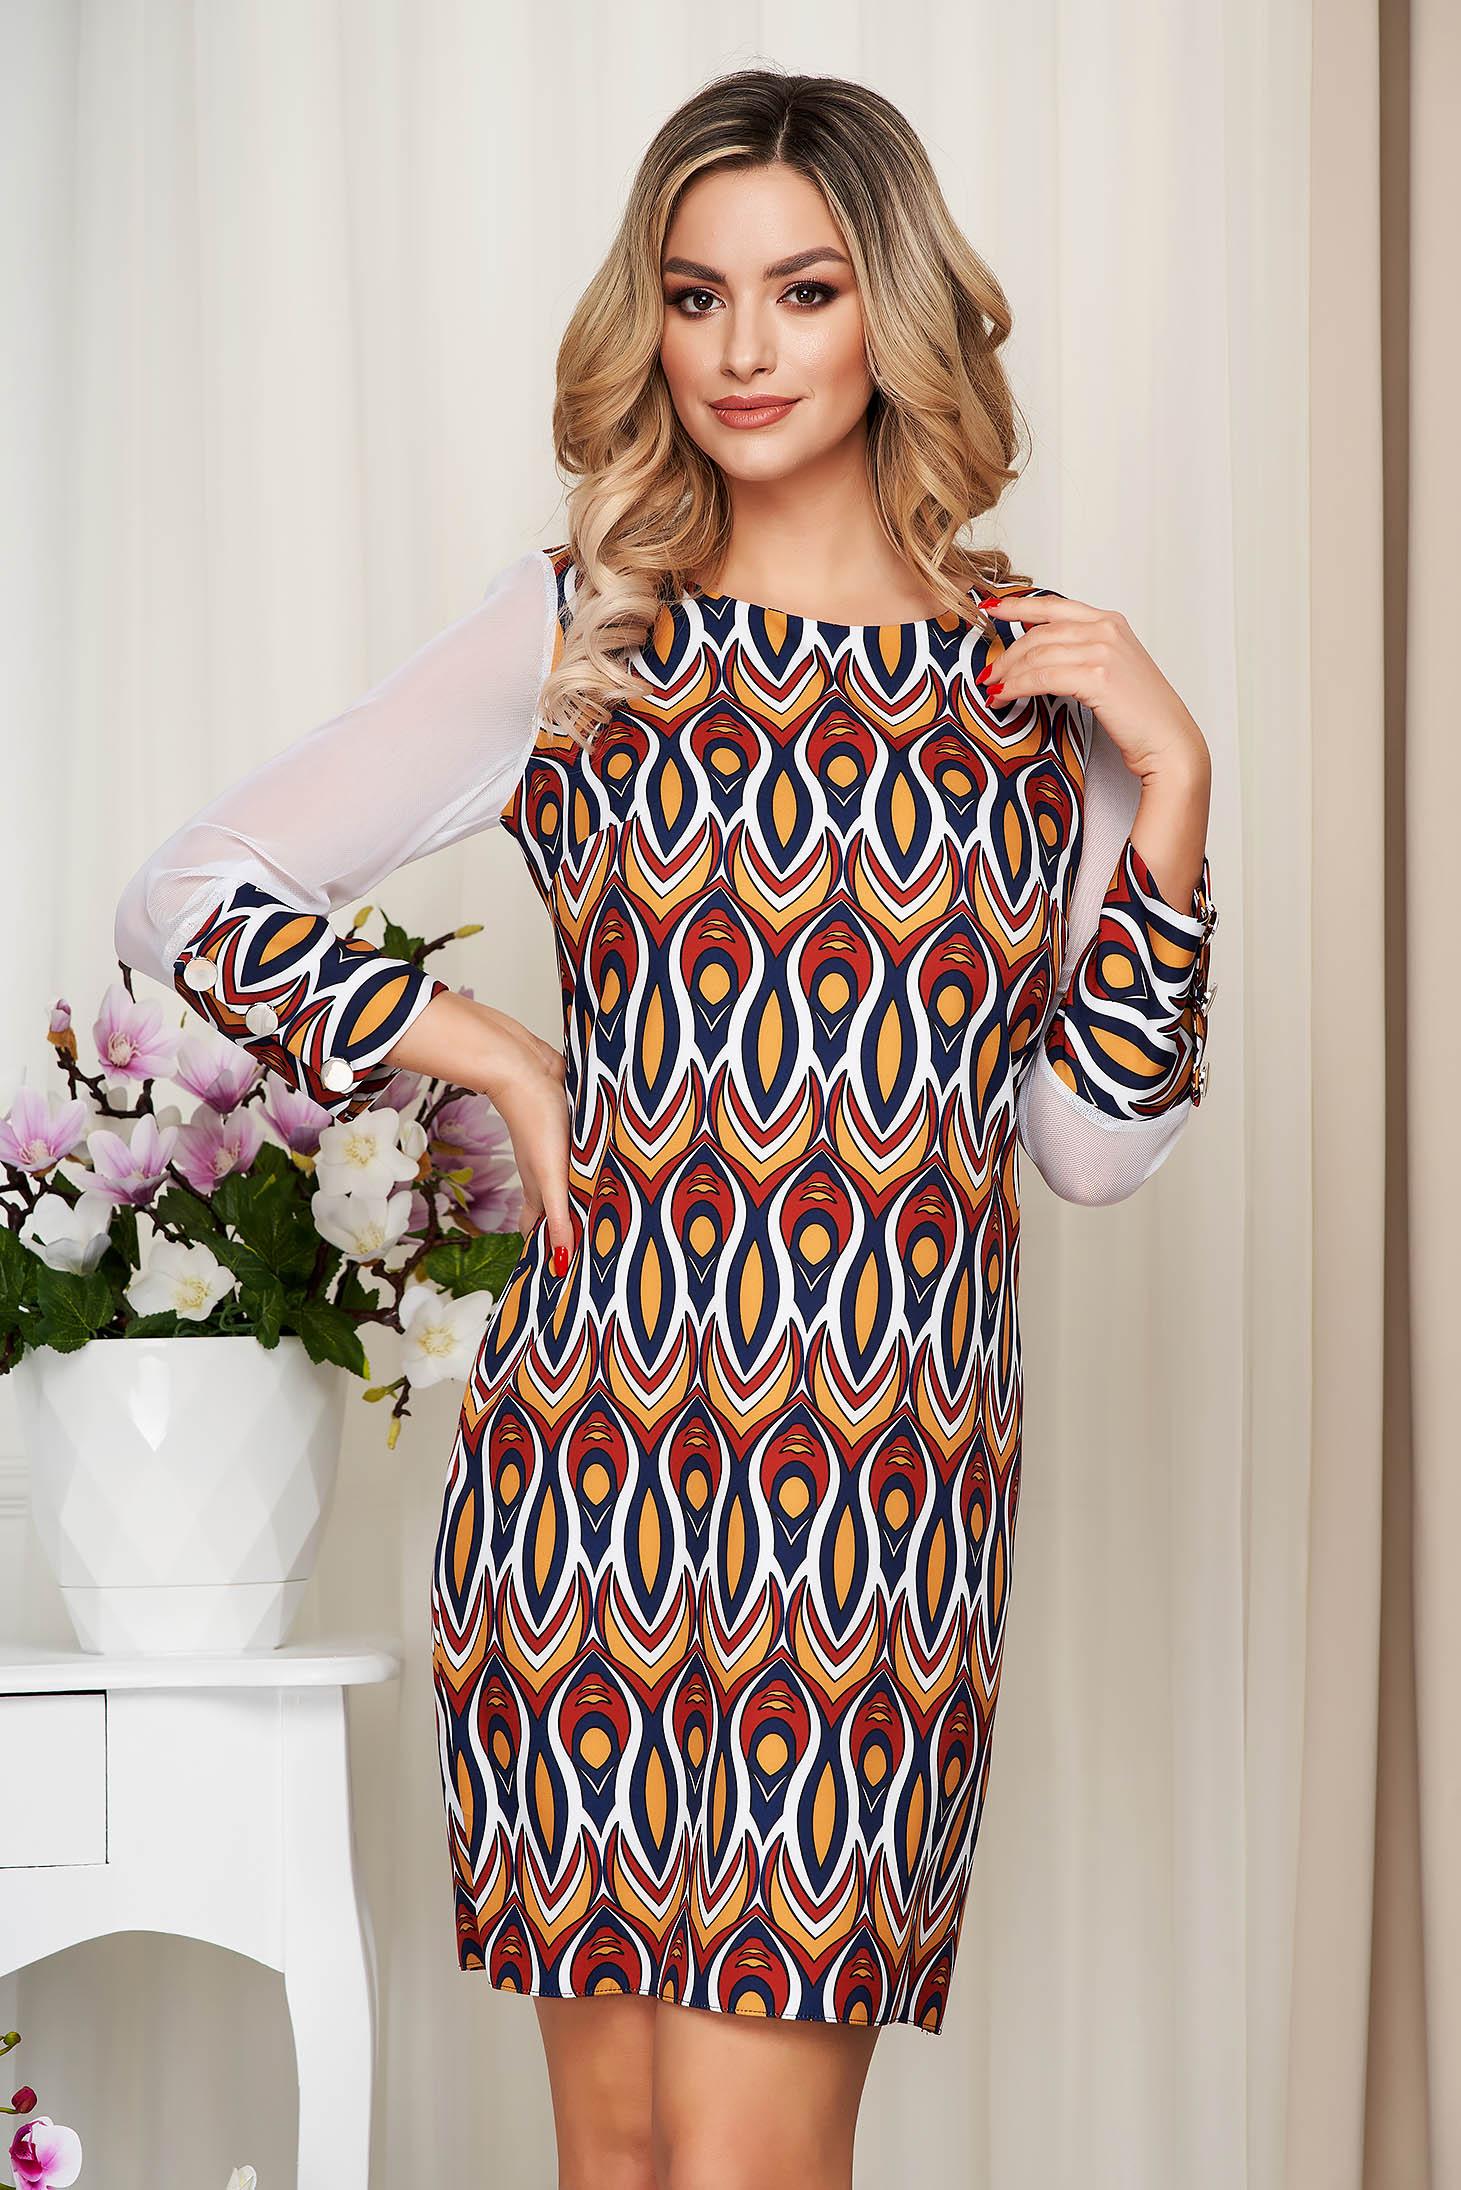 Rochie mustarie cu imprimeuri grafice office cu un croi drept si maneci transparente